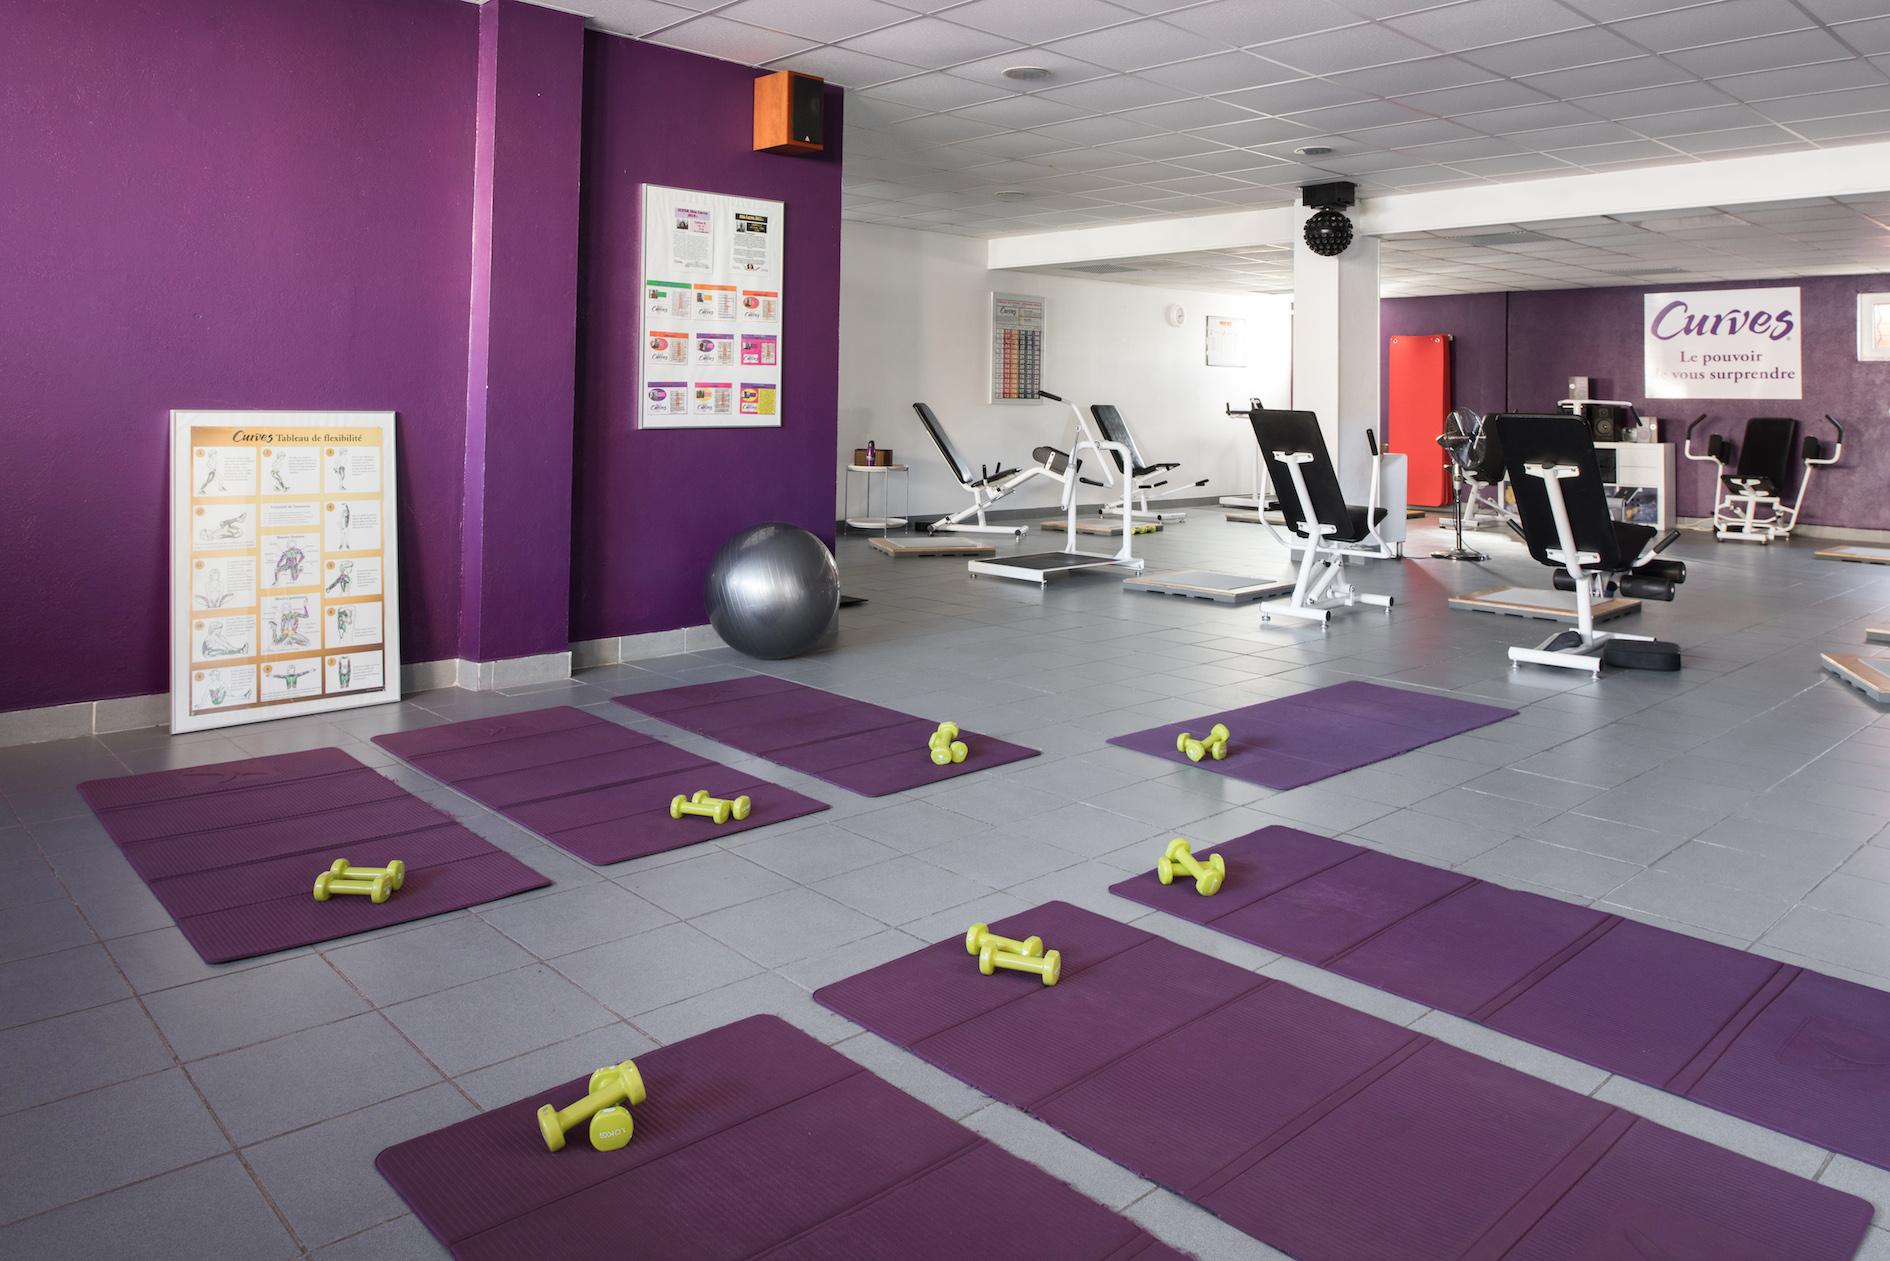 annie-mazuy-une-salle-de-sport-girly-salle-de-sport-violet ...